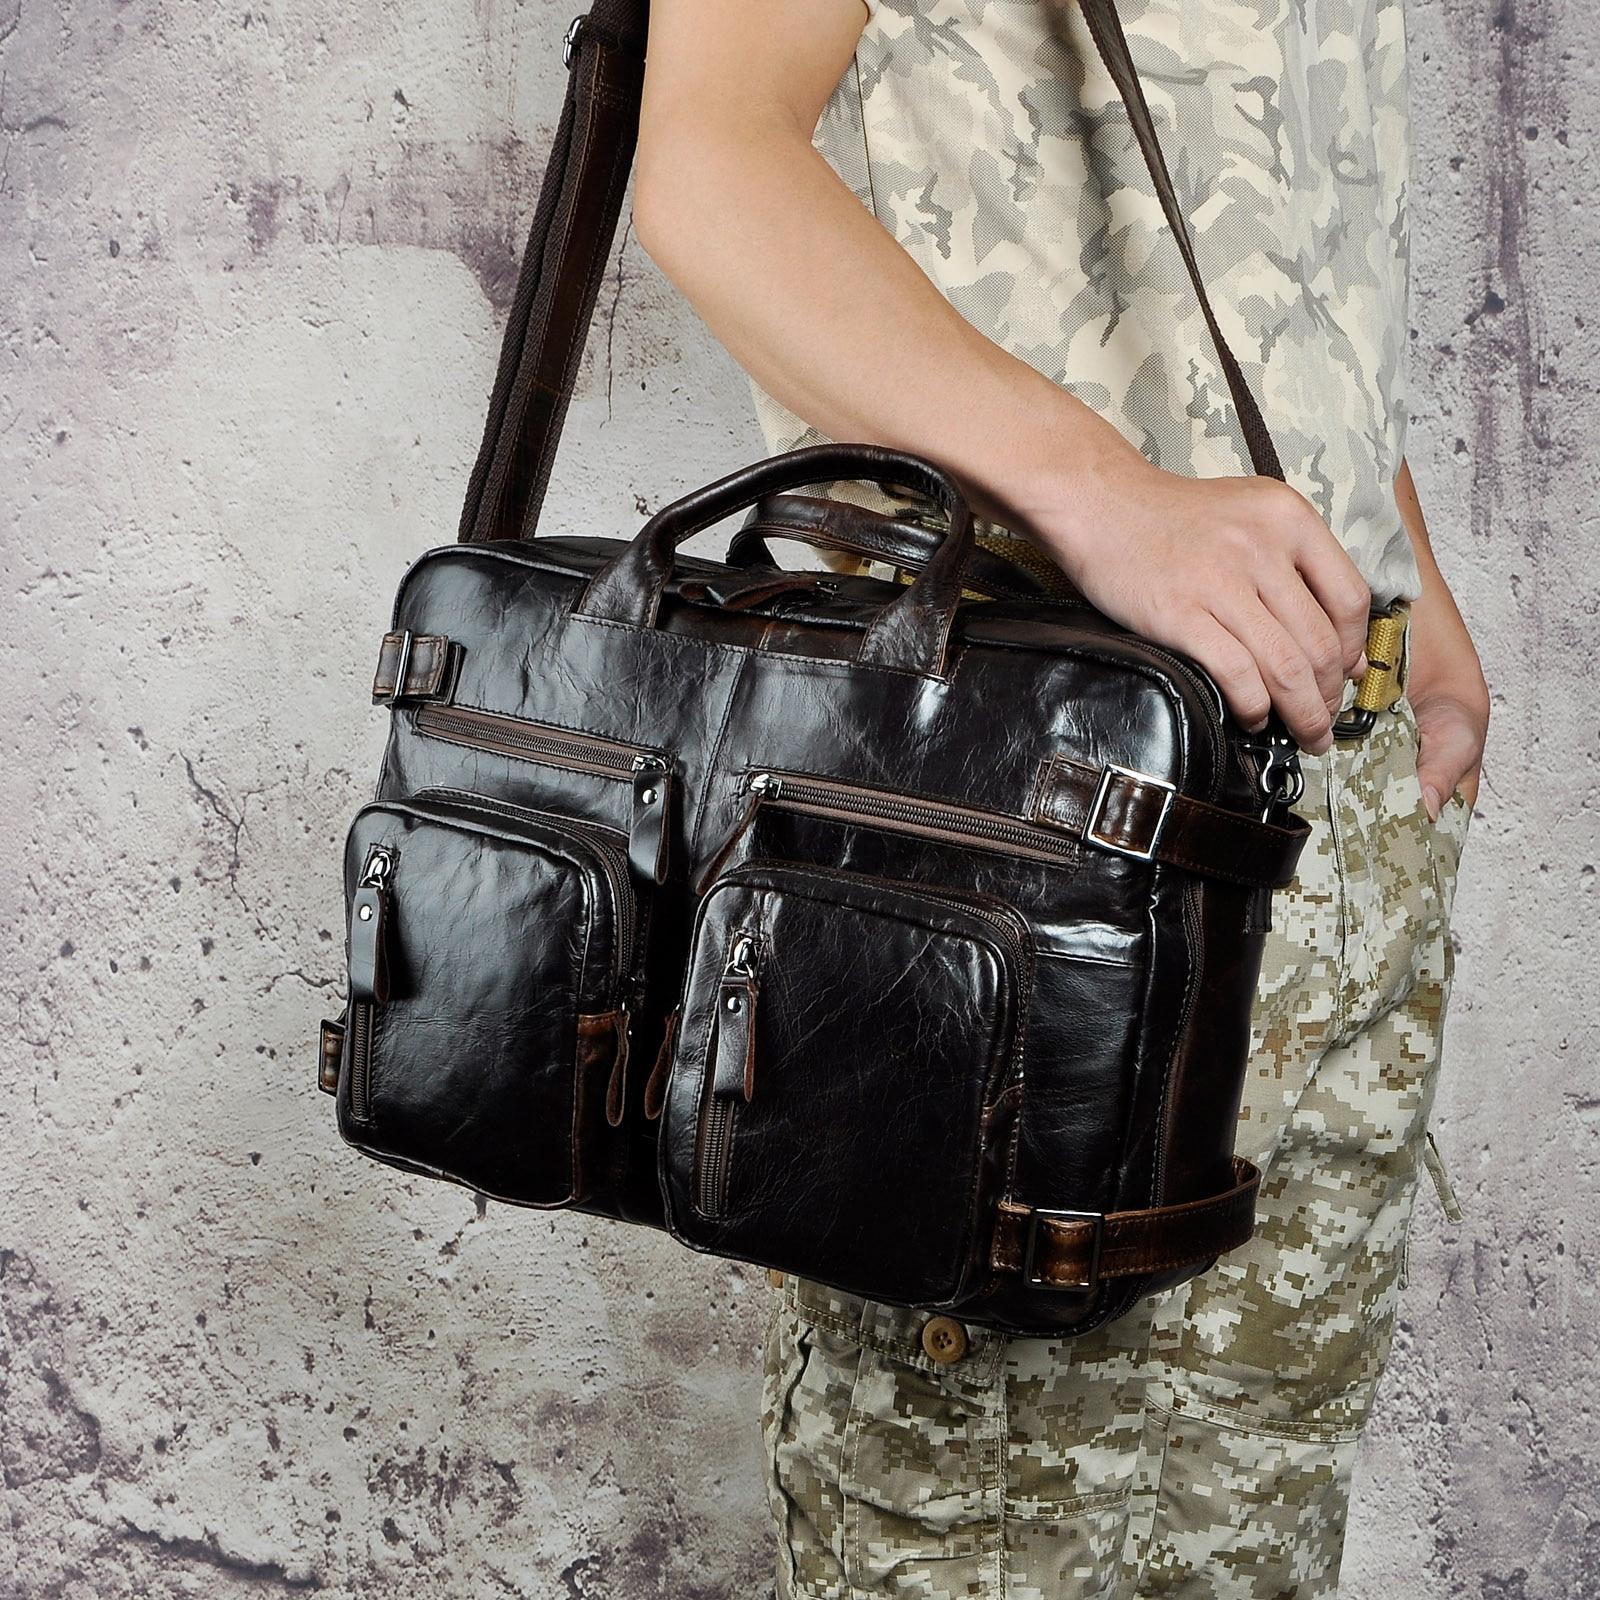 Véritable en cuir véritable mode mallette d'affaires Messenger sac mâle Design voyage ordinateur portable porte-documents fourre-tout portefeuille sac k1013c - 2